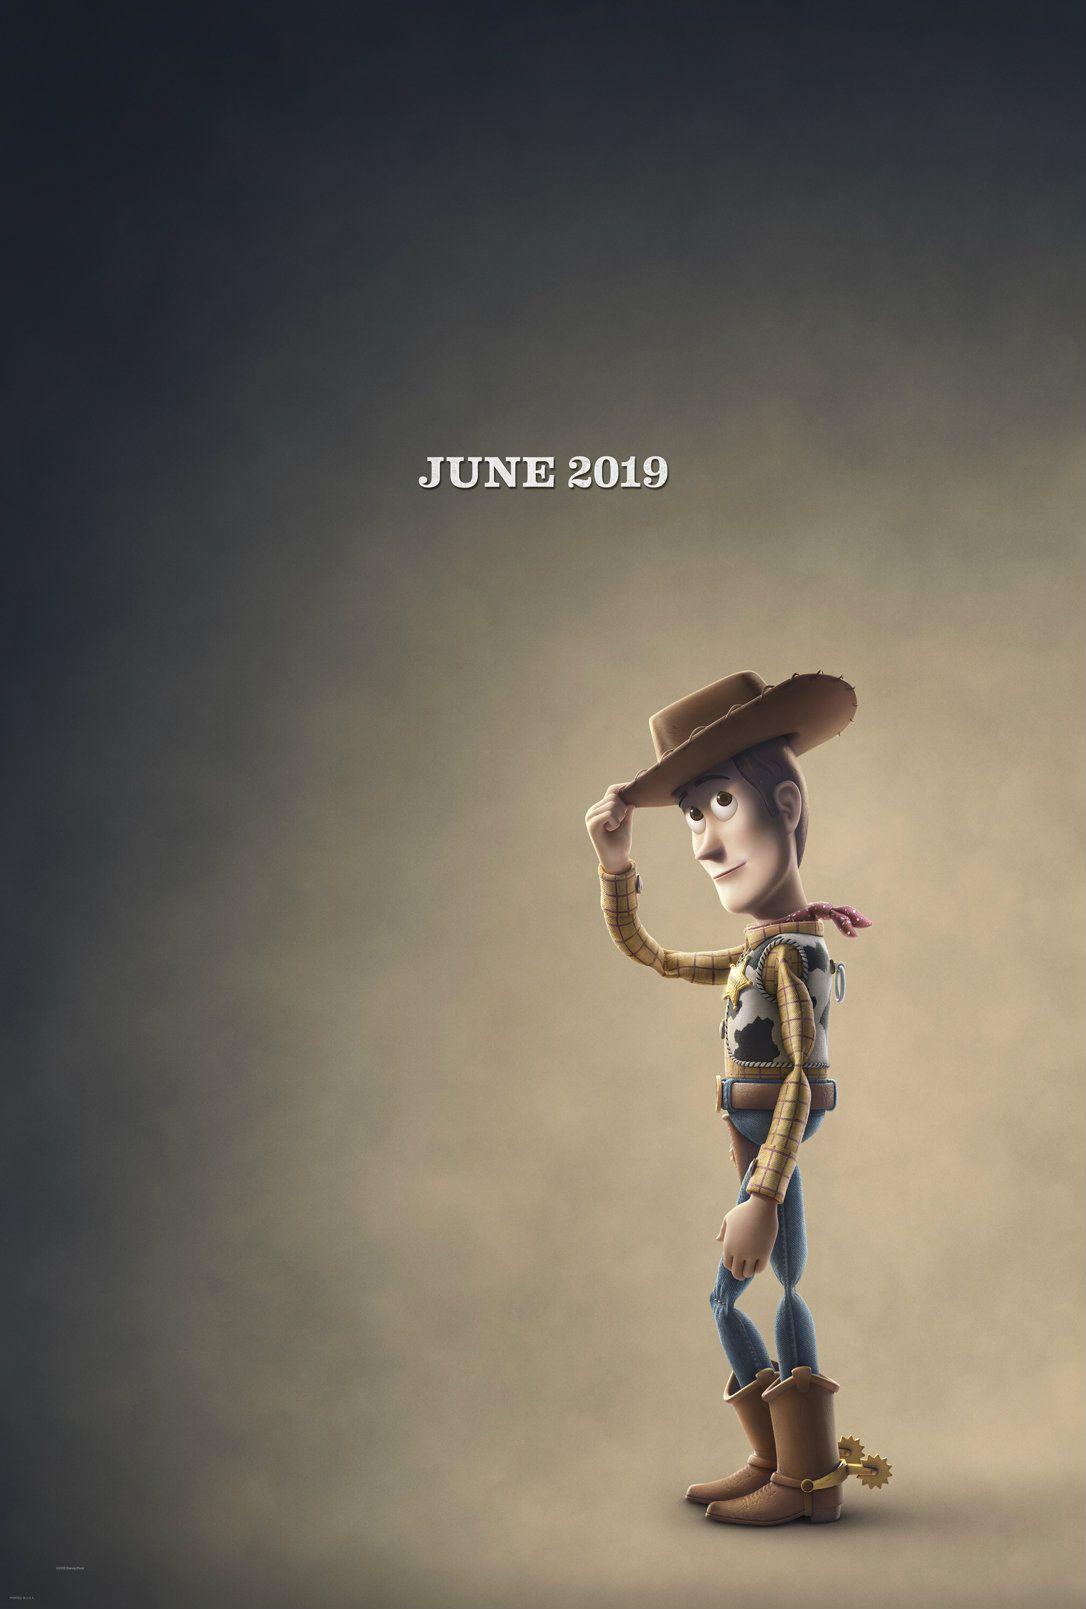 via: Disney